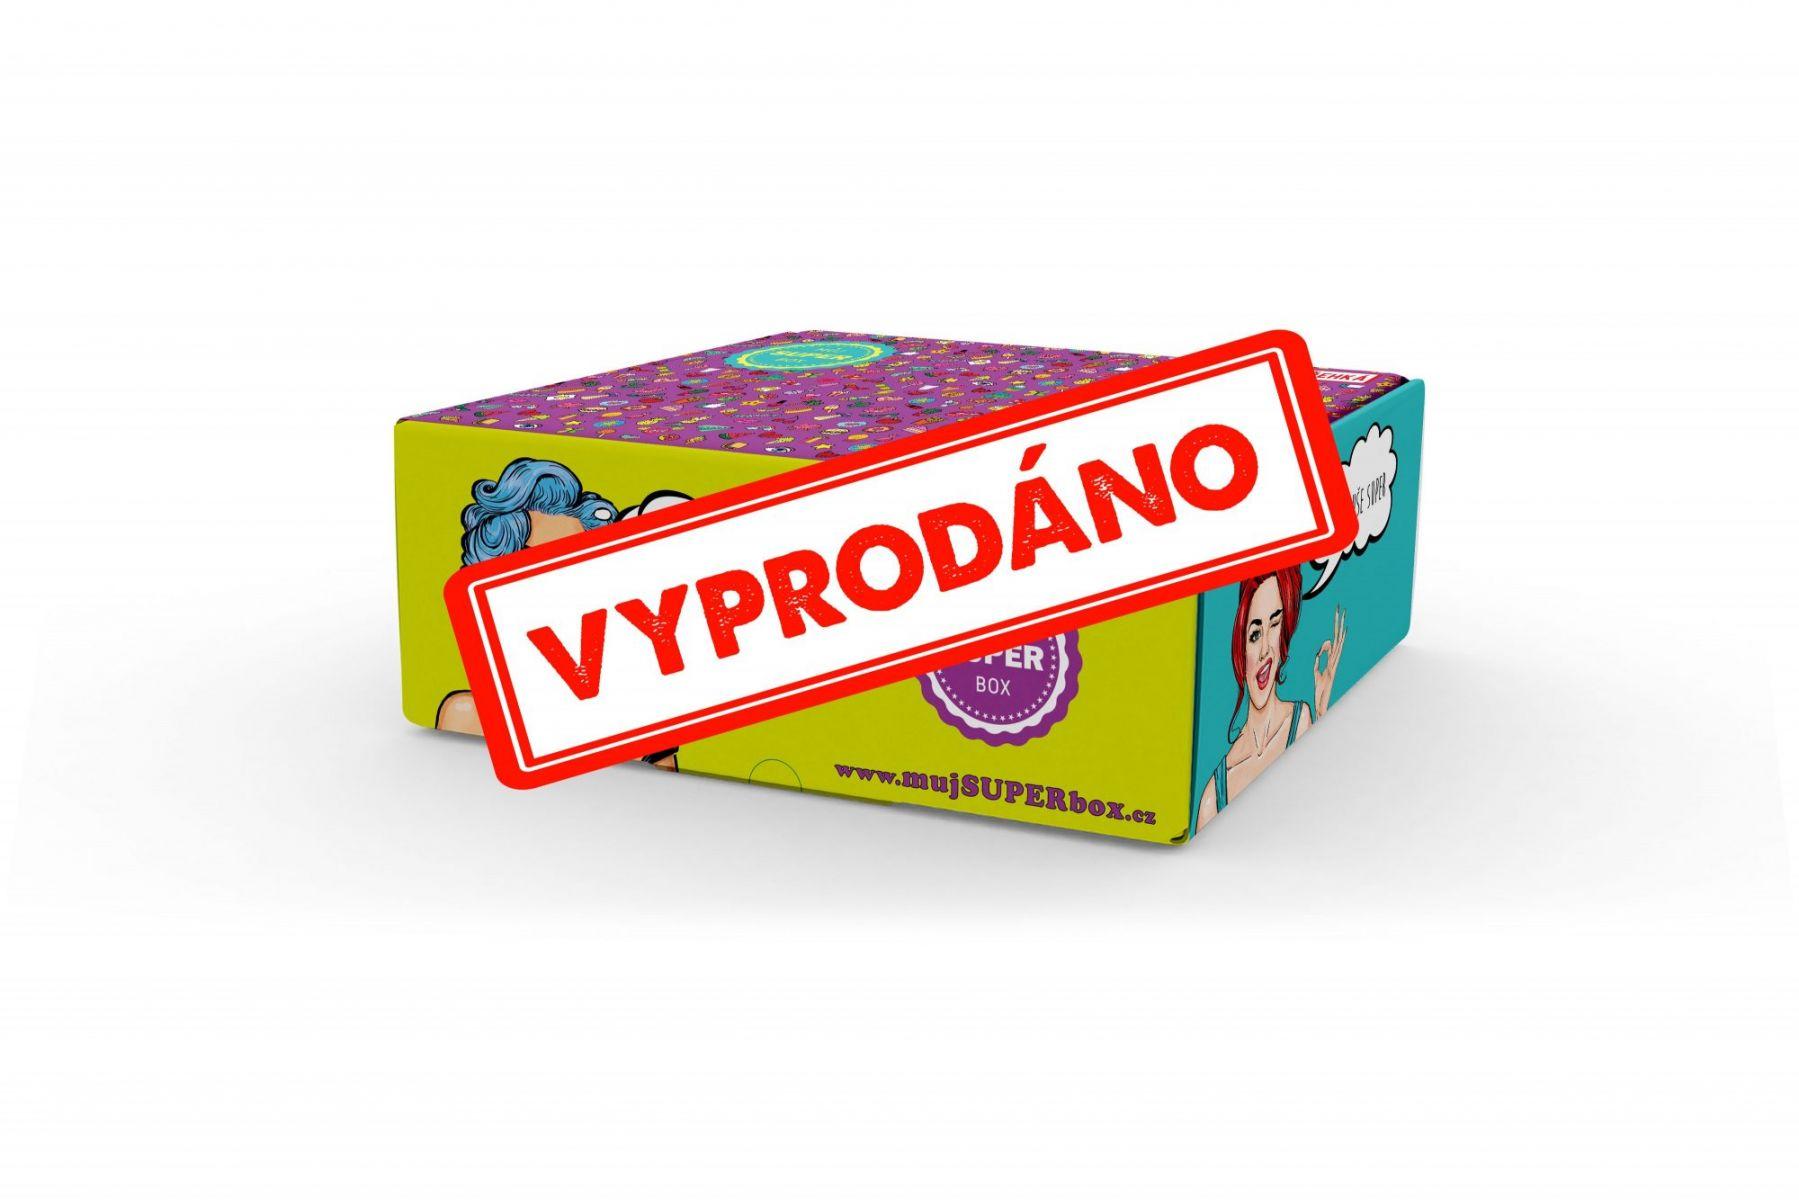 vyprodano-e1525899569230